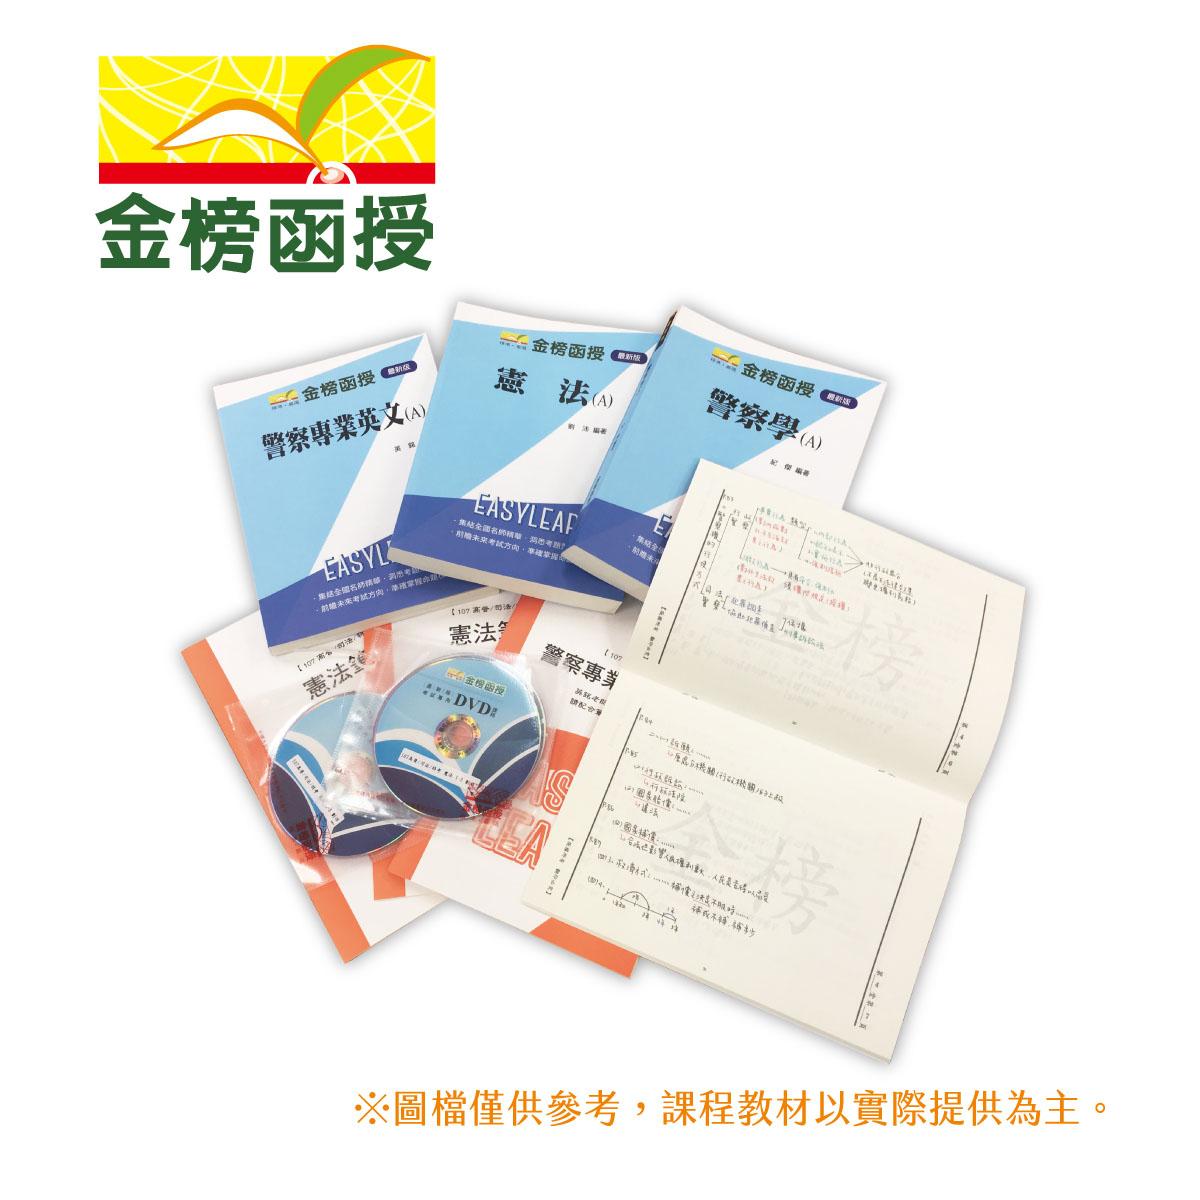 107金榜函授/地方特考/四等/全套/劳工行政/MP3